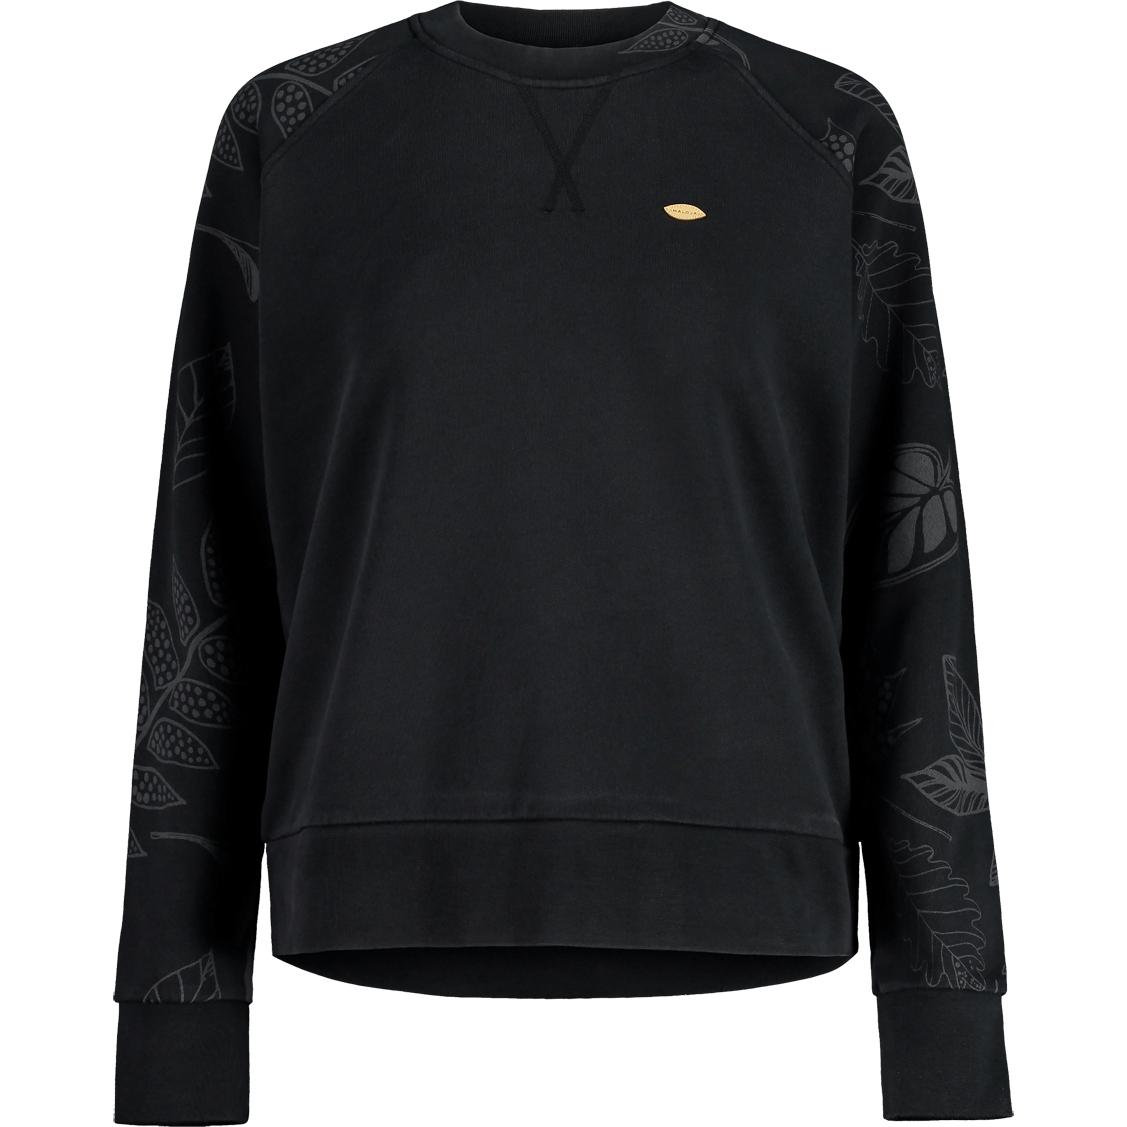 Produktbild von Maloja ElsterM. Sweatshirt Damen - moonless fallen leaves 8549